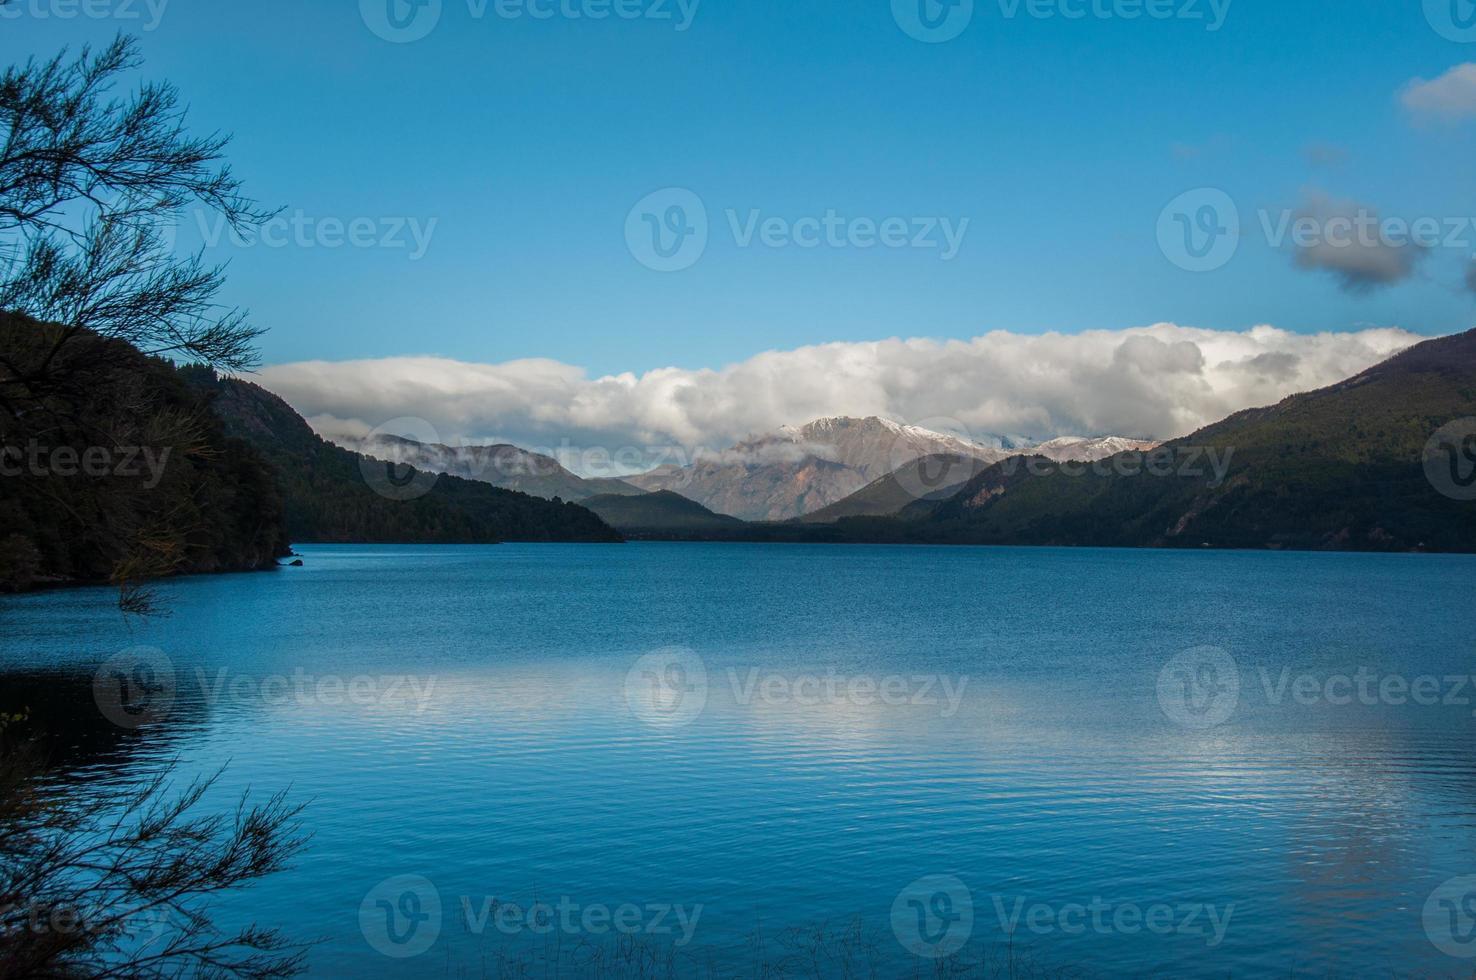 kleine Schaltung oder Circuito Chico in der Nähe von Bariloche, Argentinien foto